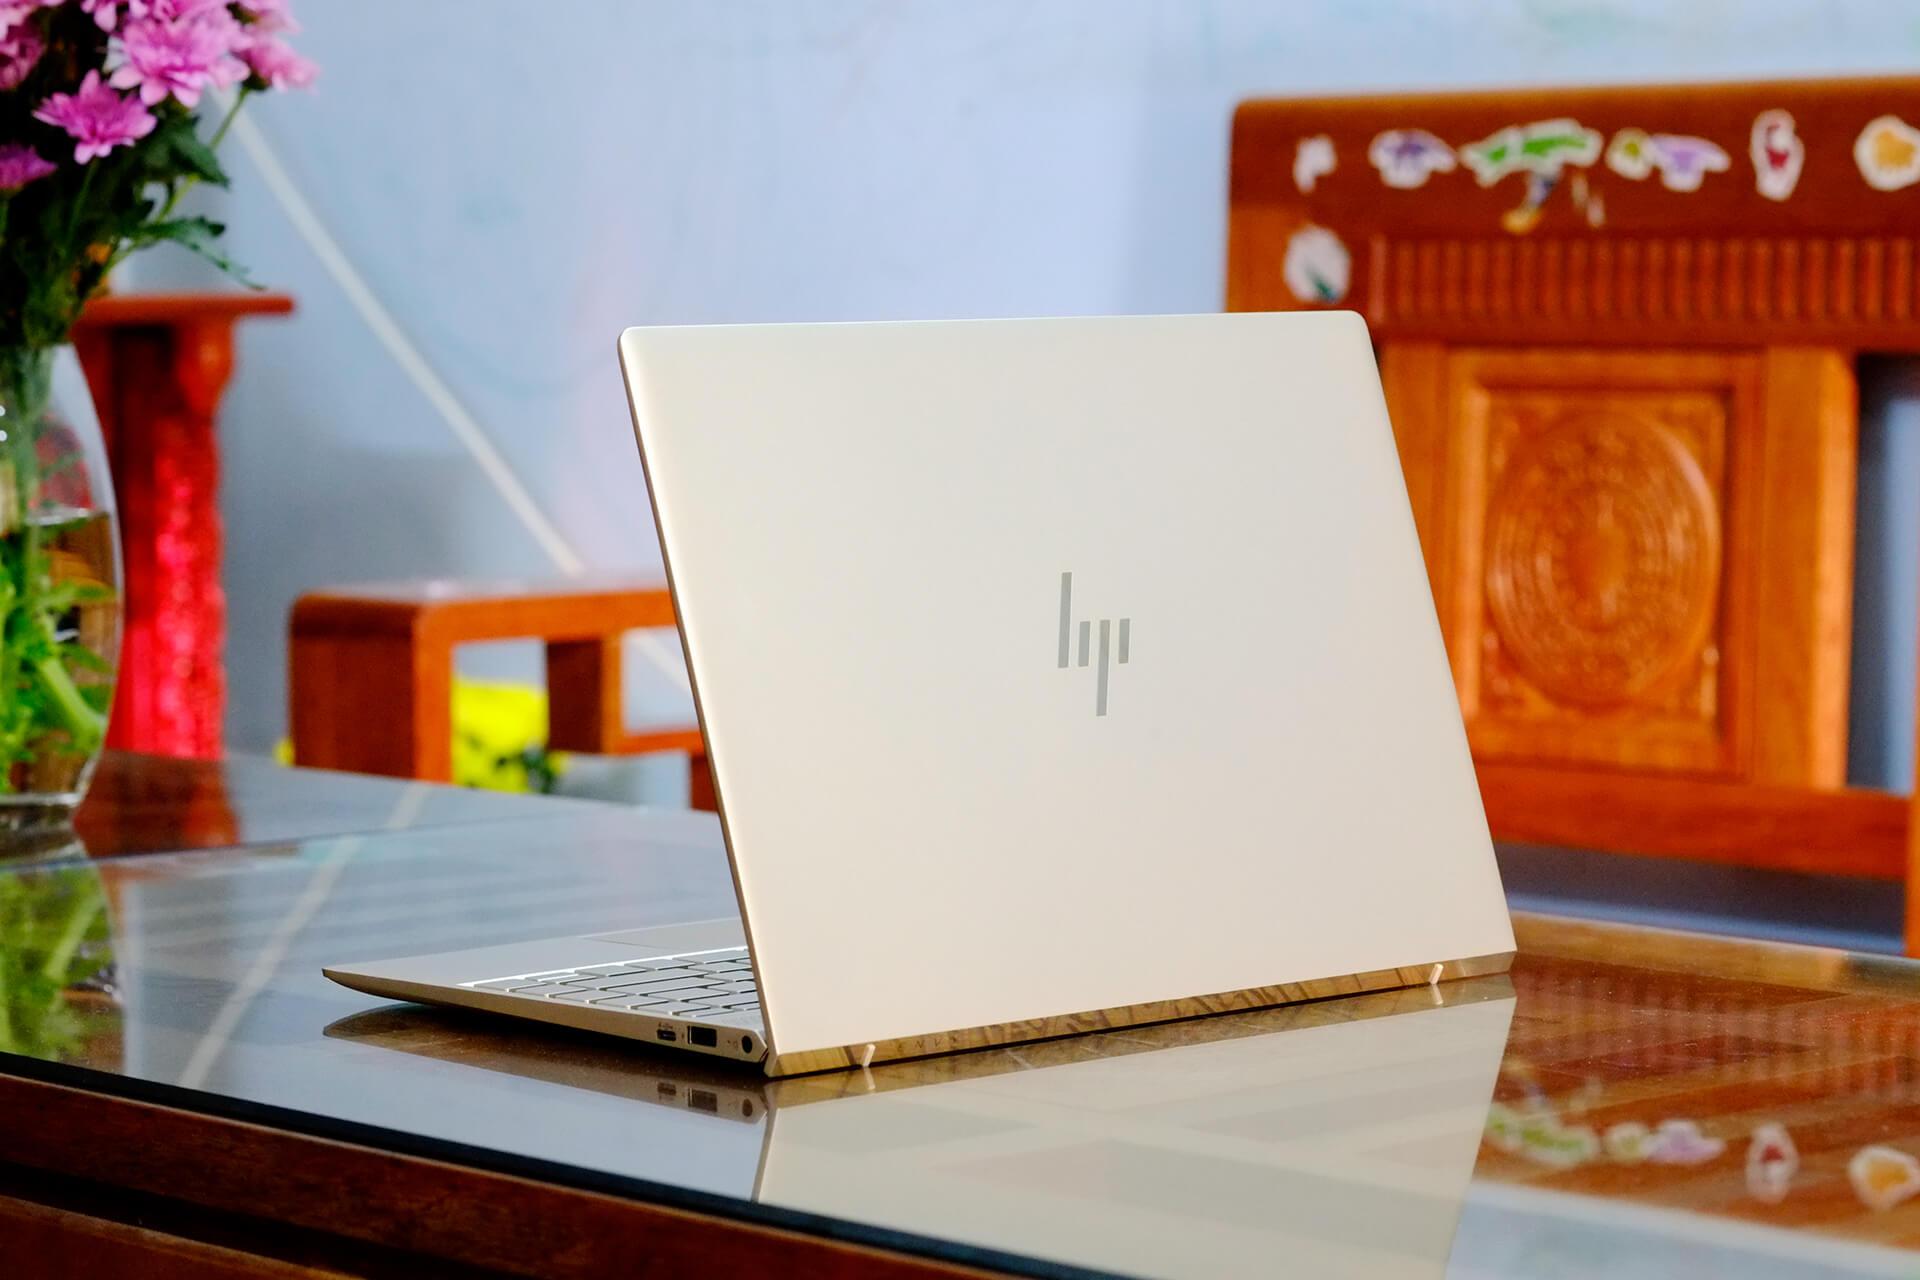 Hp Envy 13 I7 7500U Gold 10